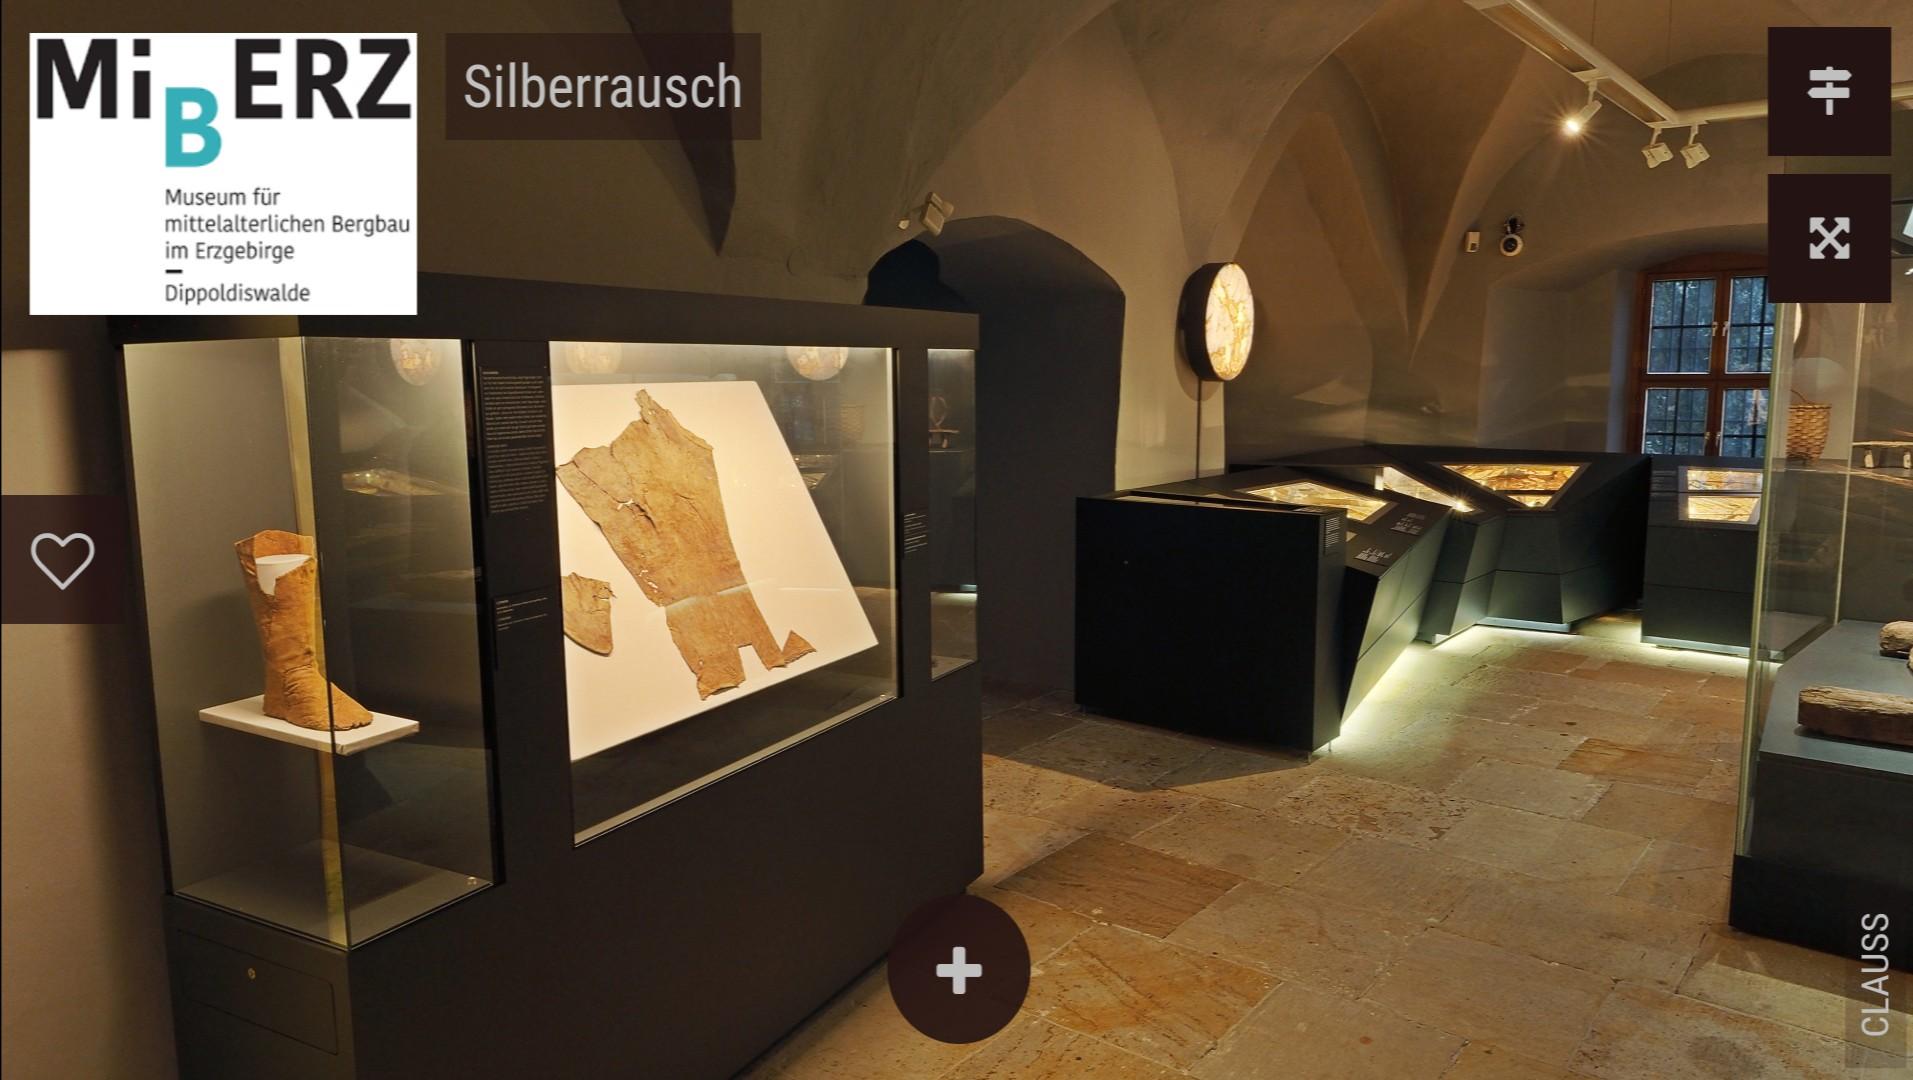 Museum für mittelalterlichen Bergbau im Erzgebirge